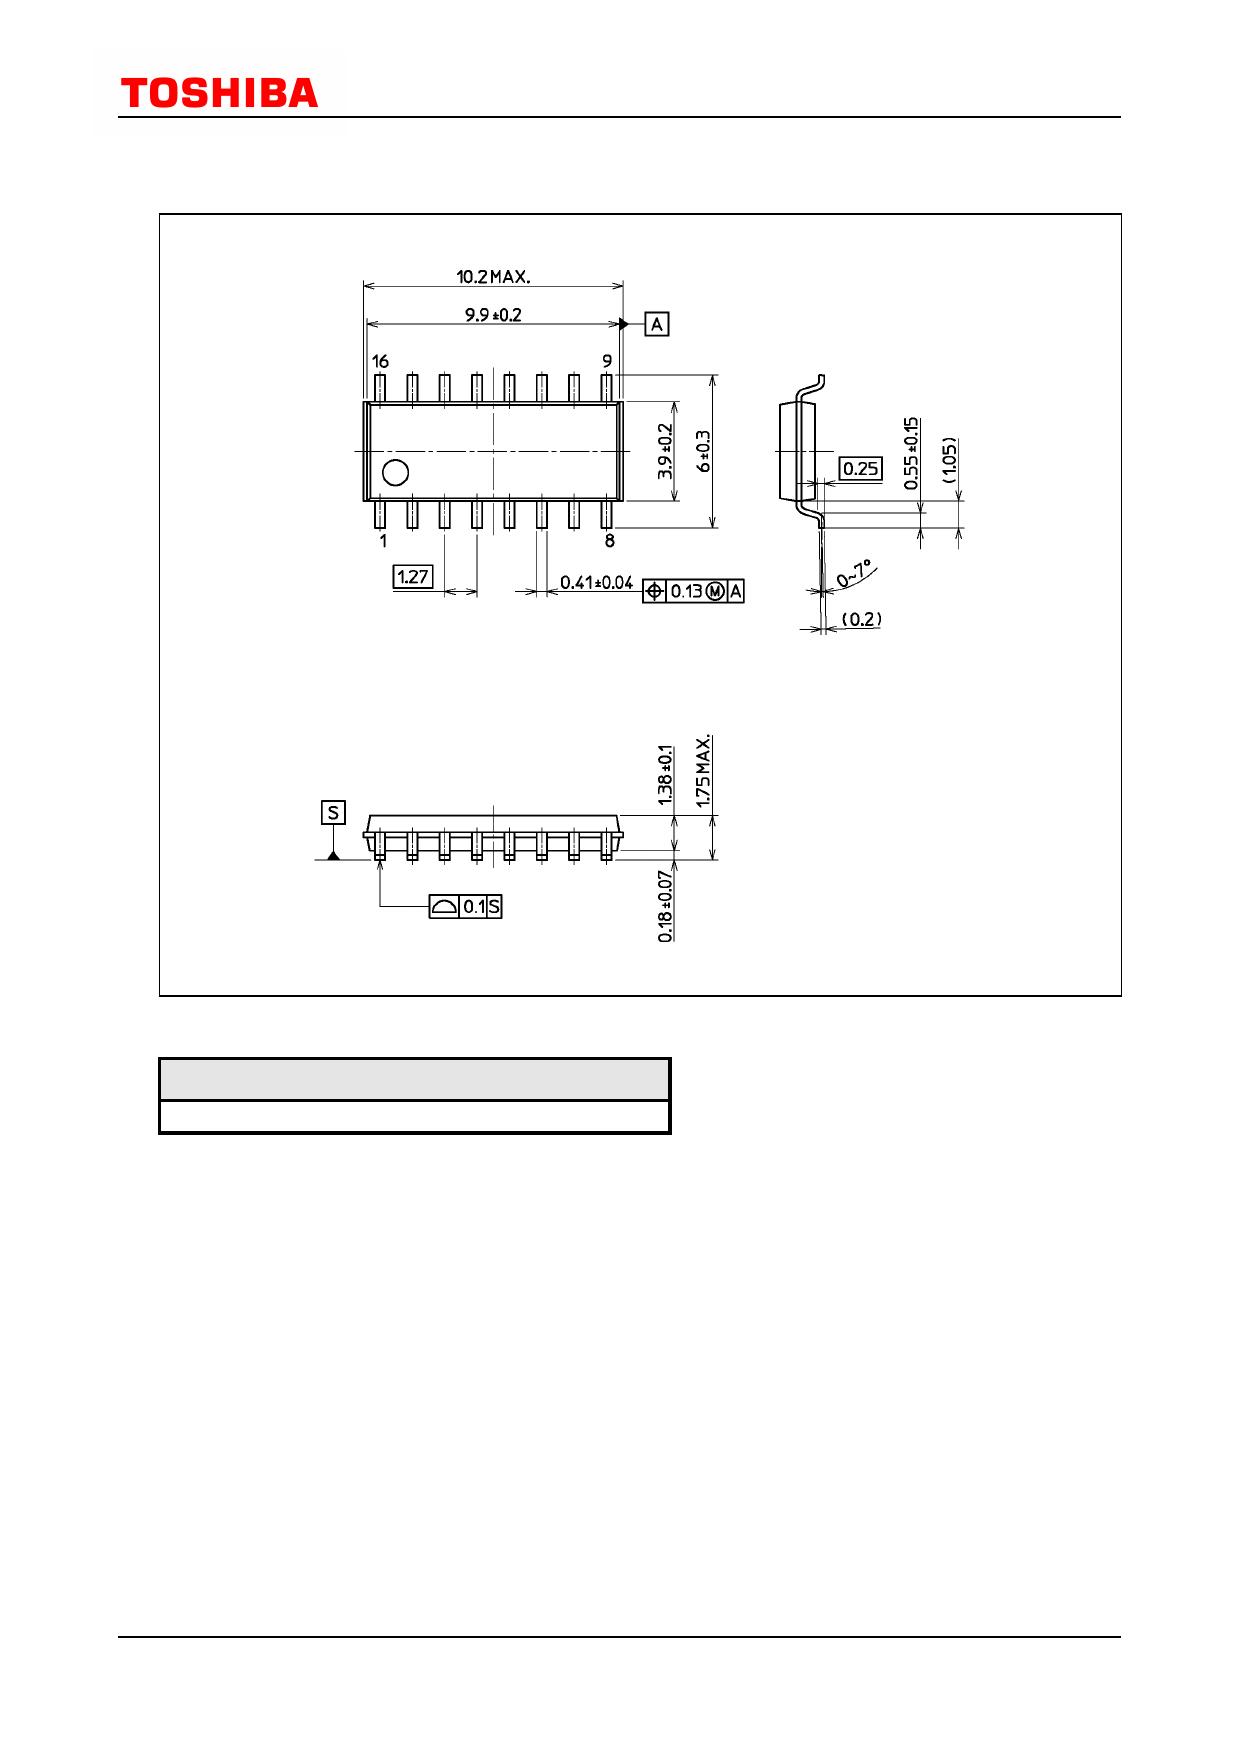 74HC151D diode, scr